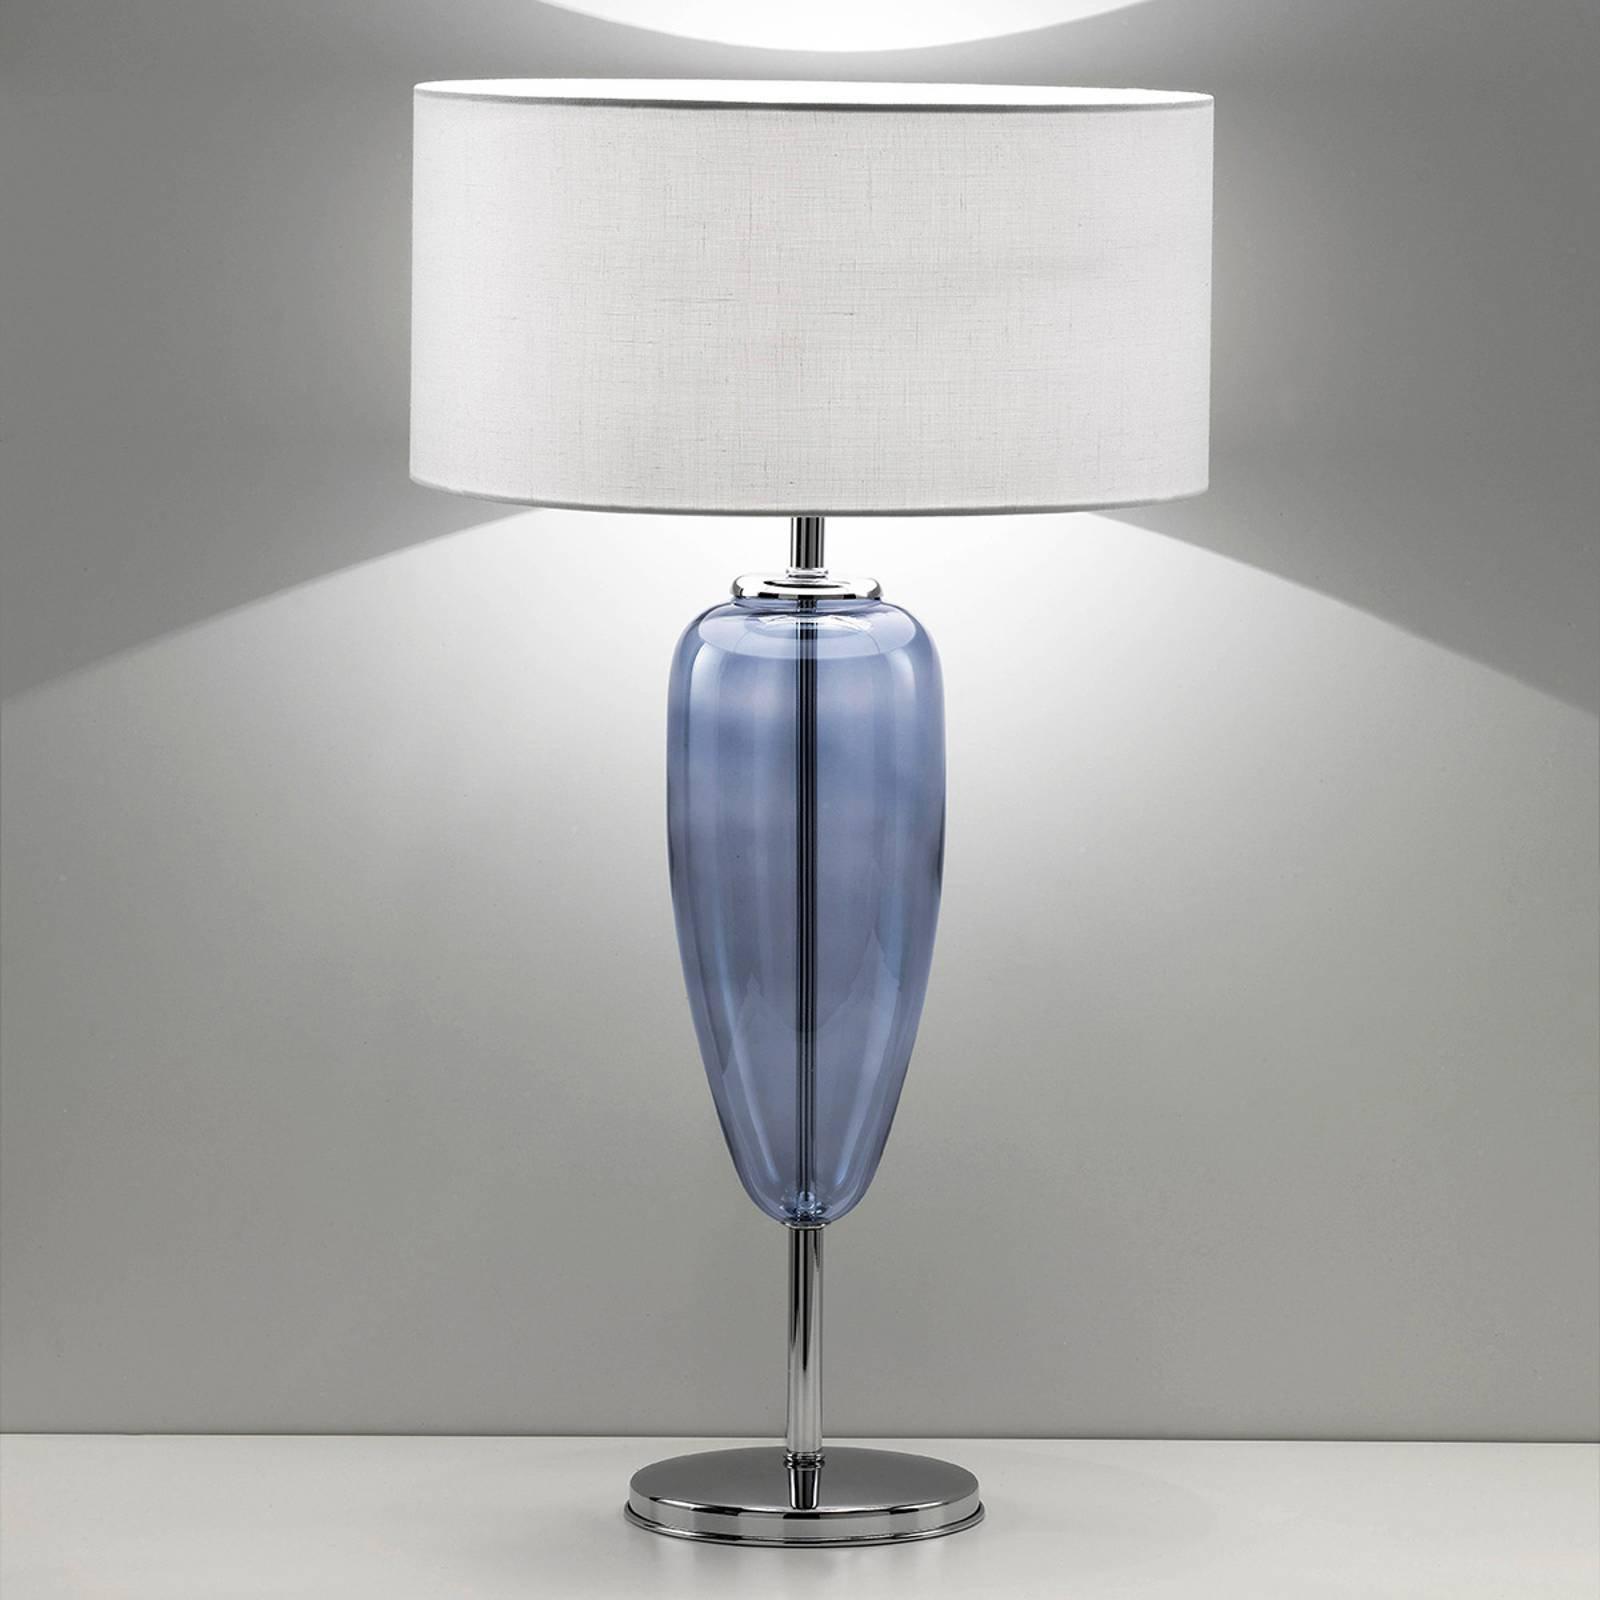 Bordlampe Show Ogiva 82 cm glasselement blå